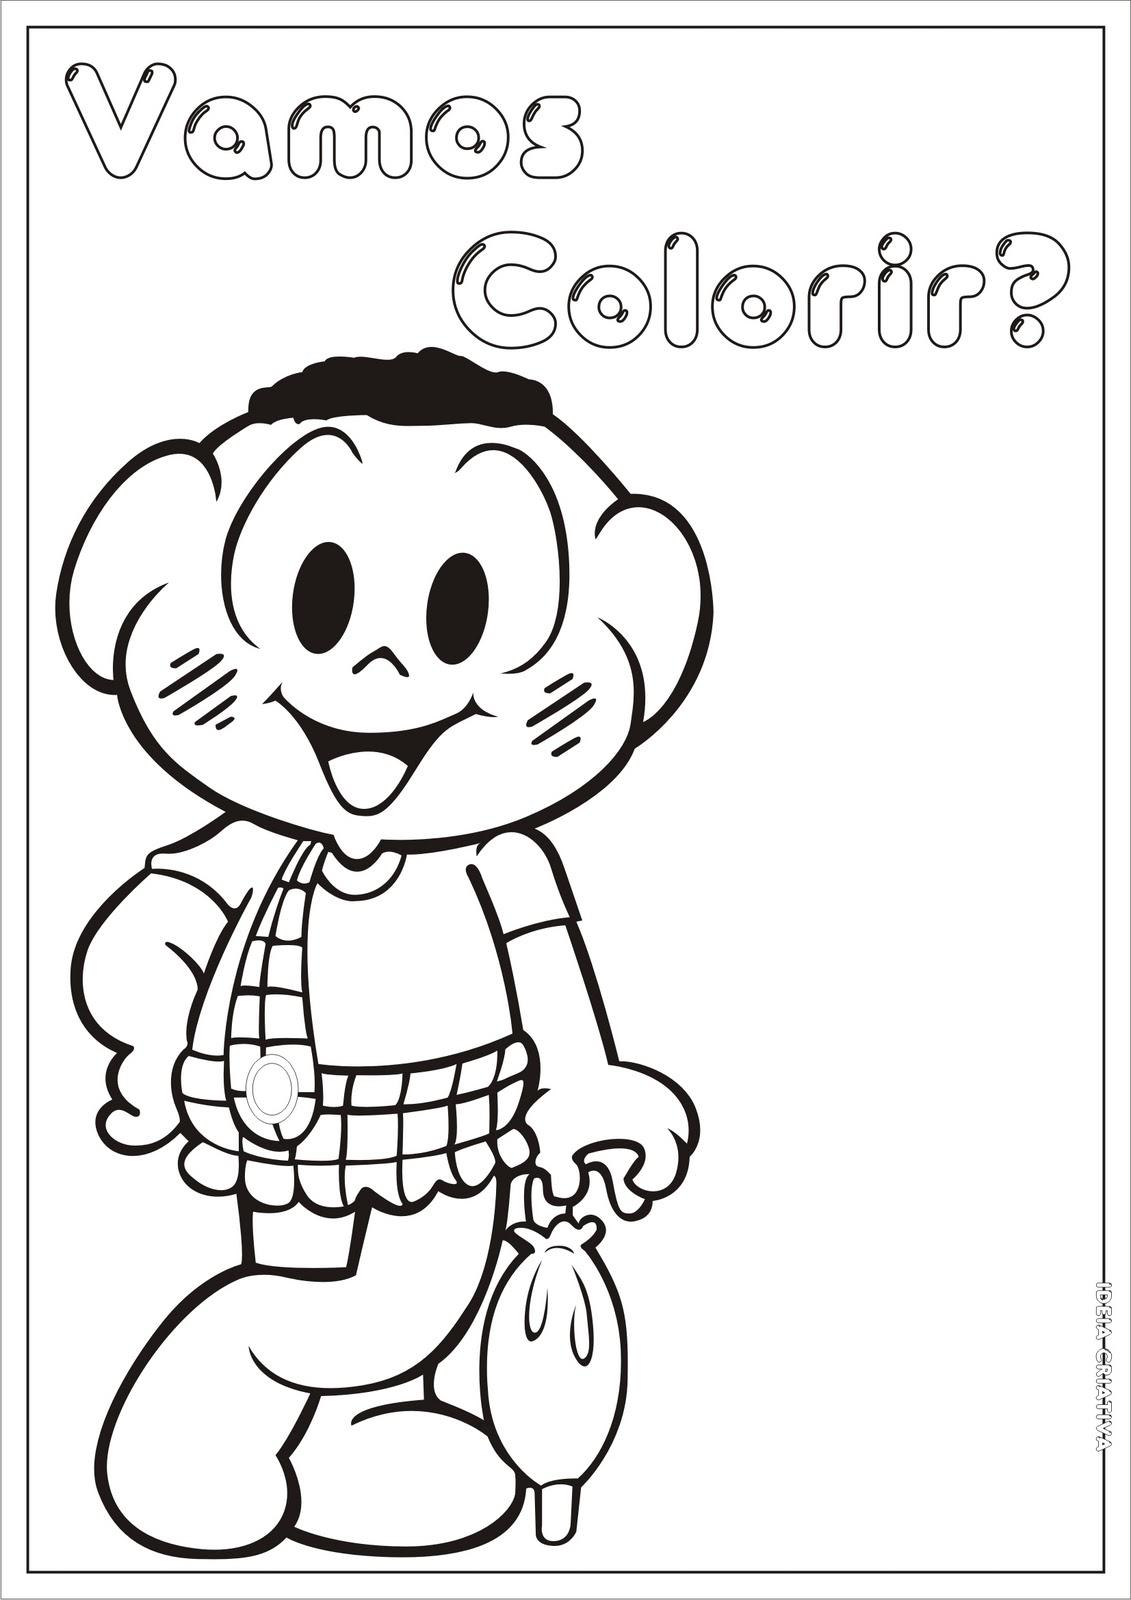 desenho turma da mônica para colorir